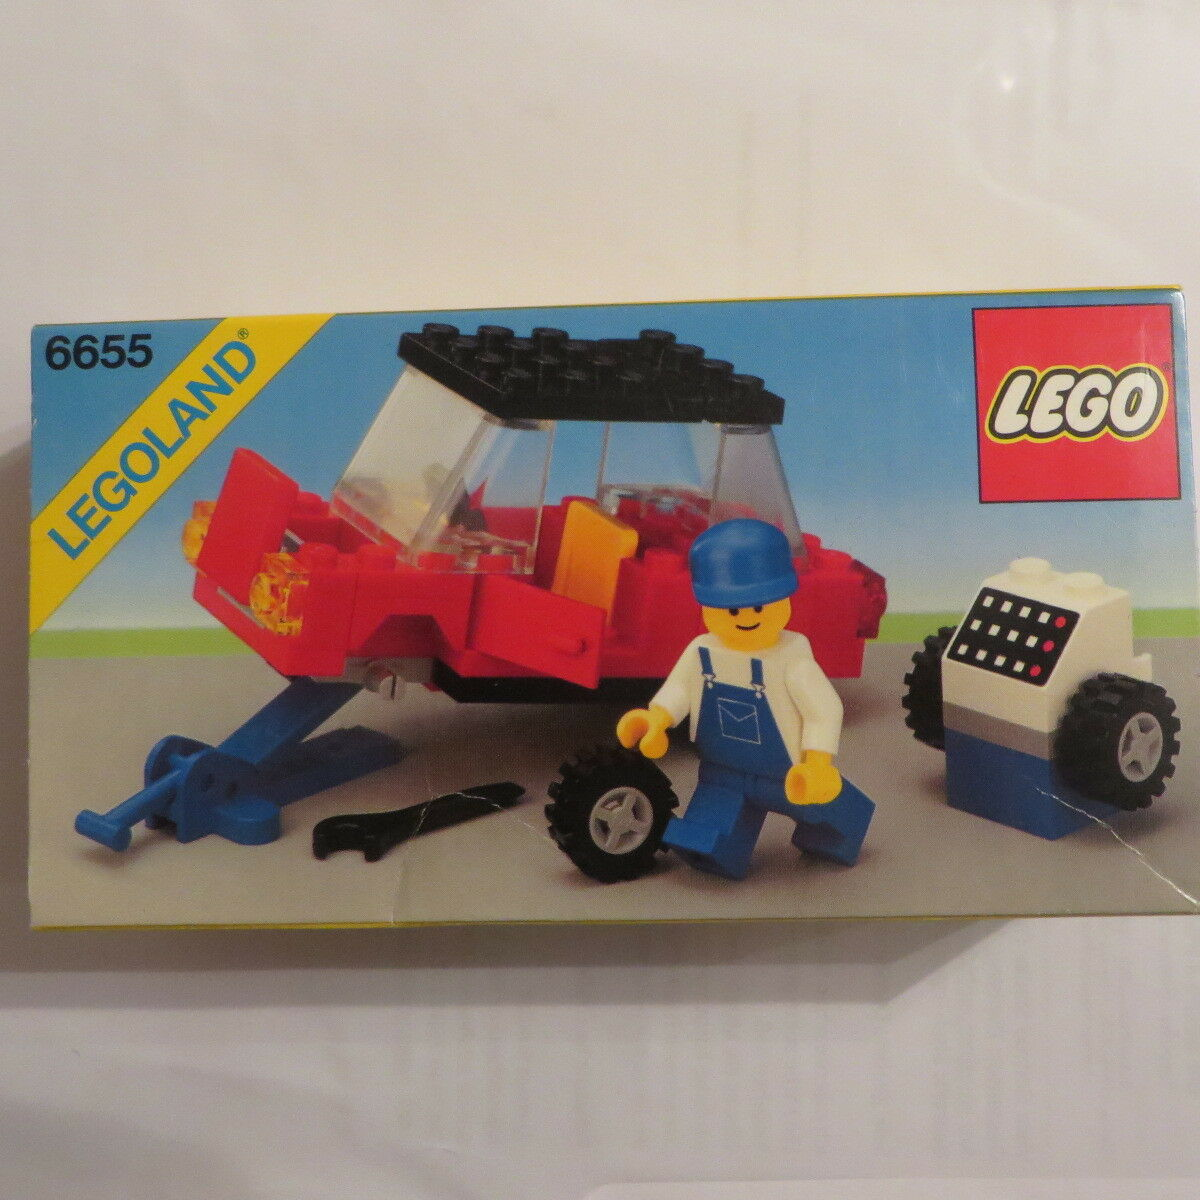 Lego® 6655 Rarität Legoland Autoreparatur Reifenmontage 1984 Neu und OVP